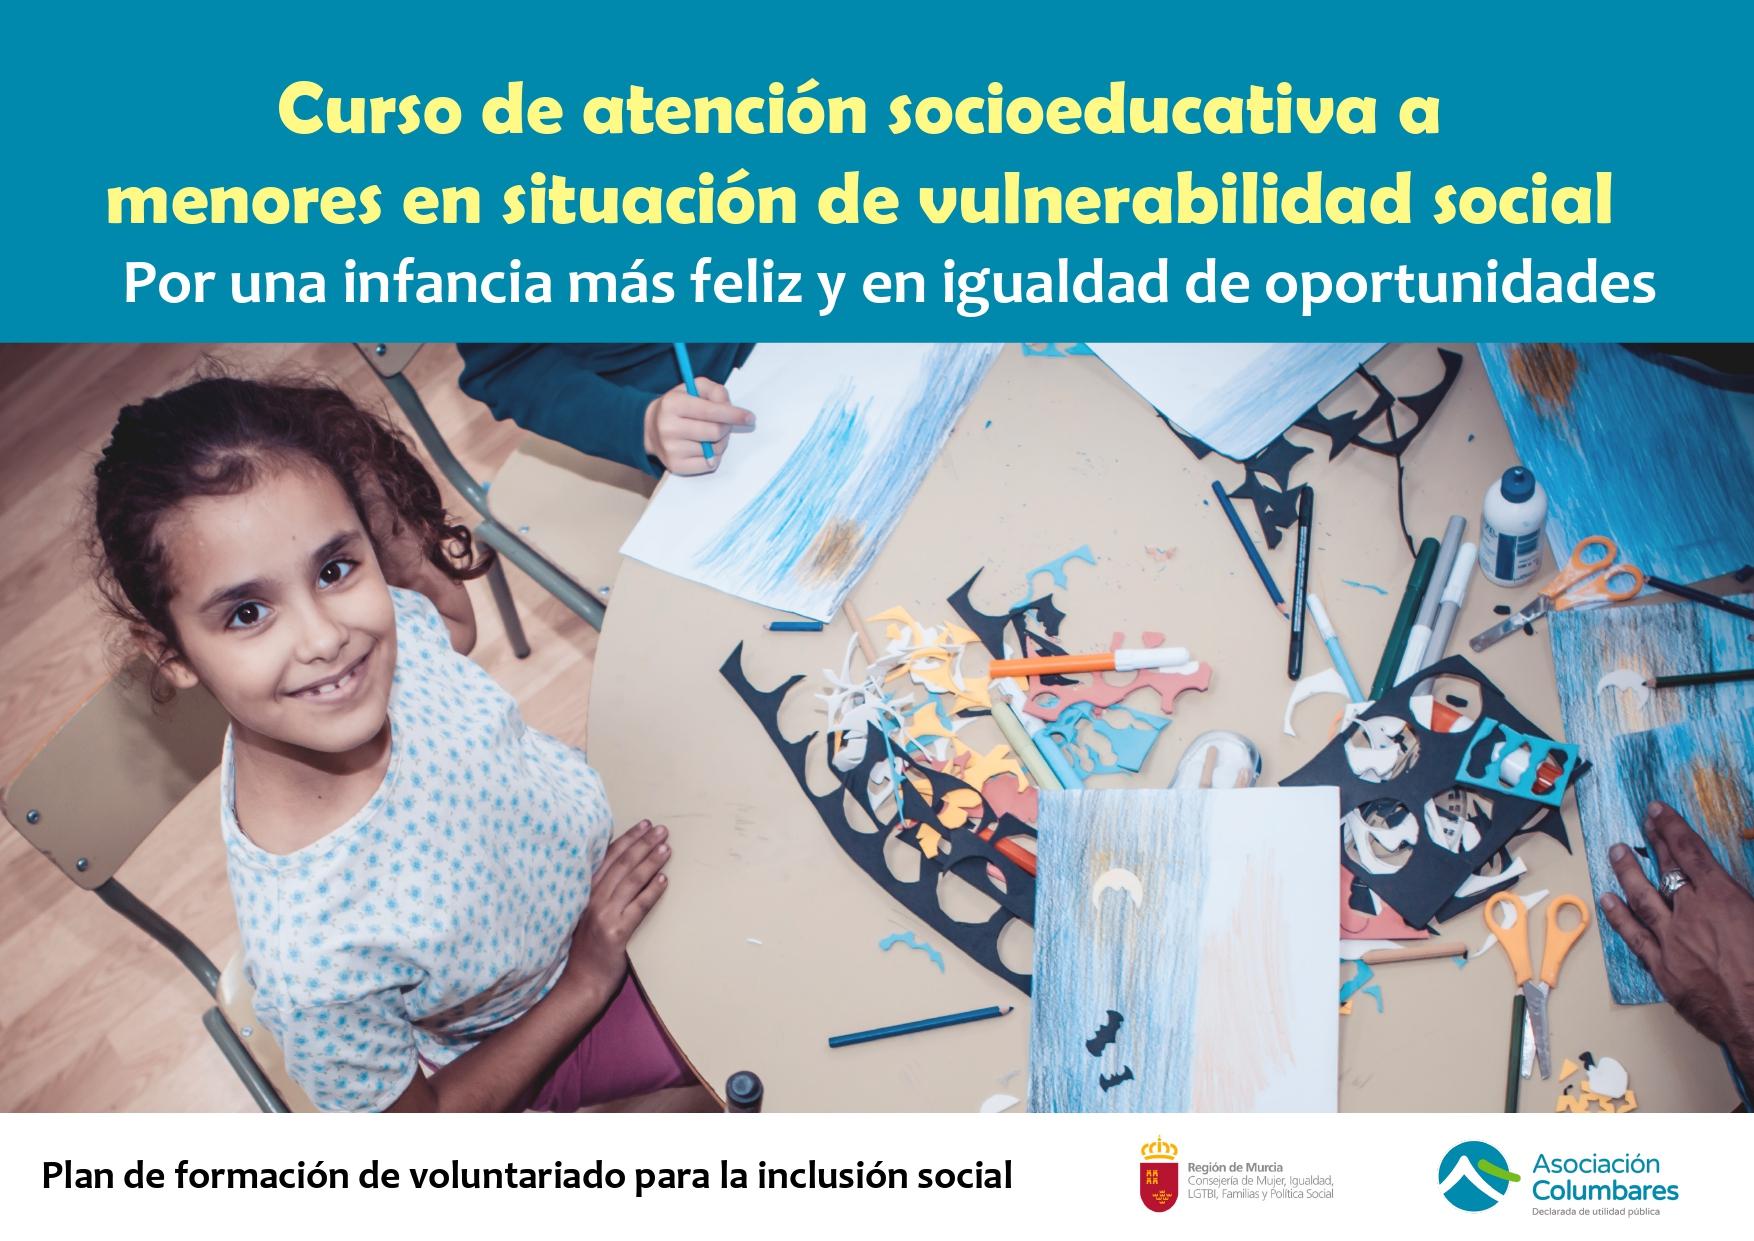 CURSO: ATENCIÓN SOCIO-EDUCATIVA A MENORES EN SITUACIÓN DE VULNERABILIDAD SOCIAL...